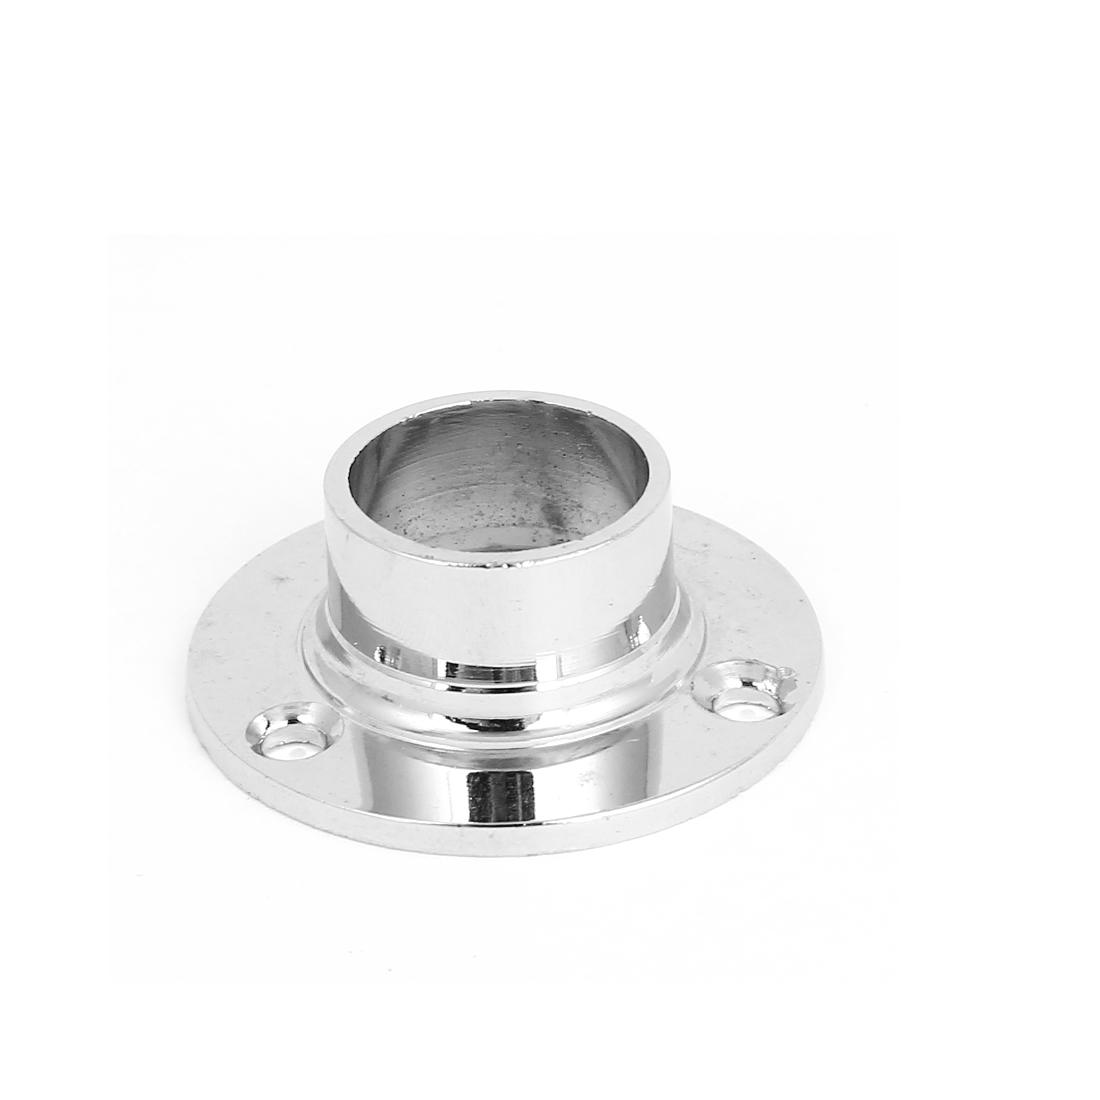 19mm Inner Diameter Stainless Steel Pipe Tube Weld Neck Flange